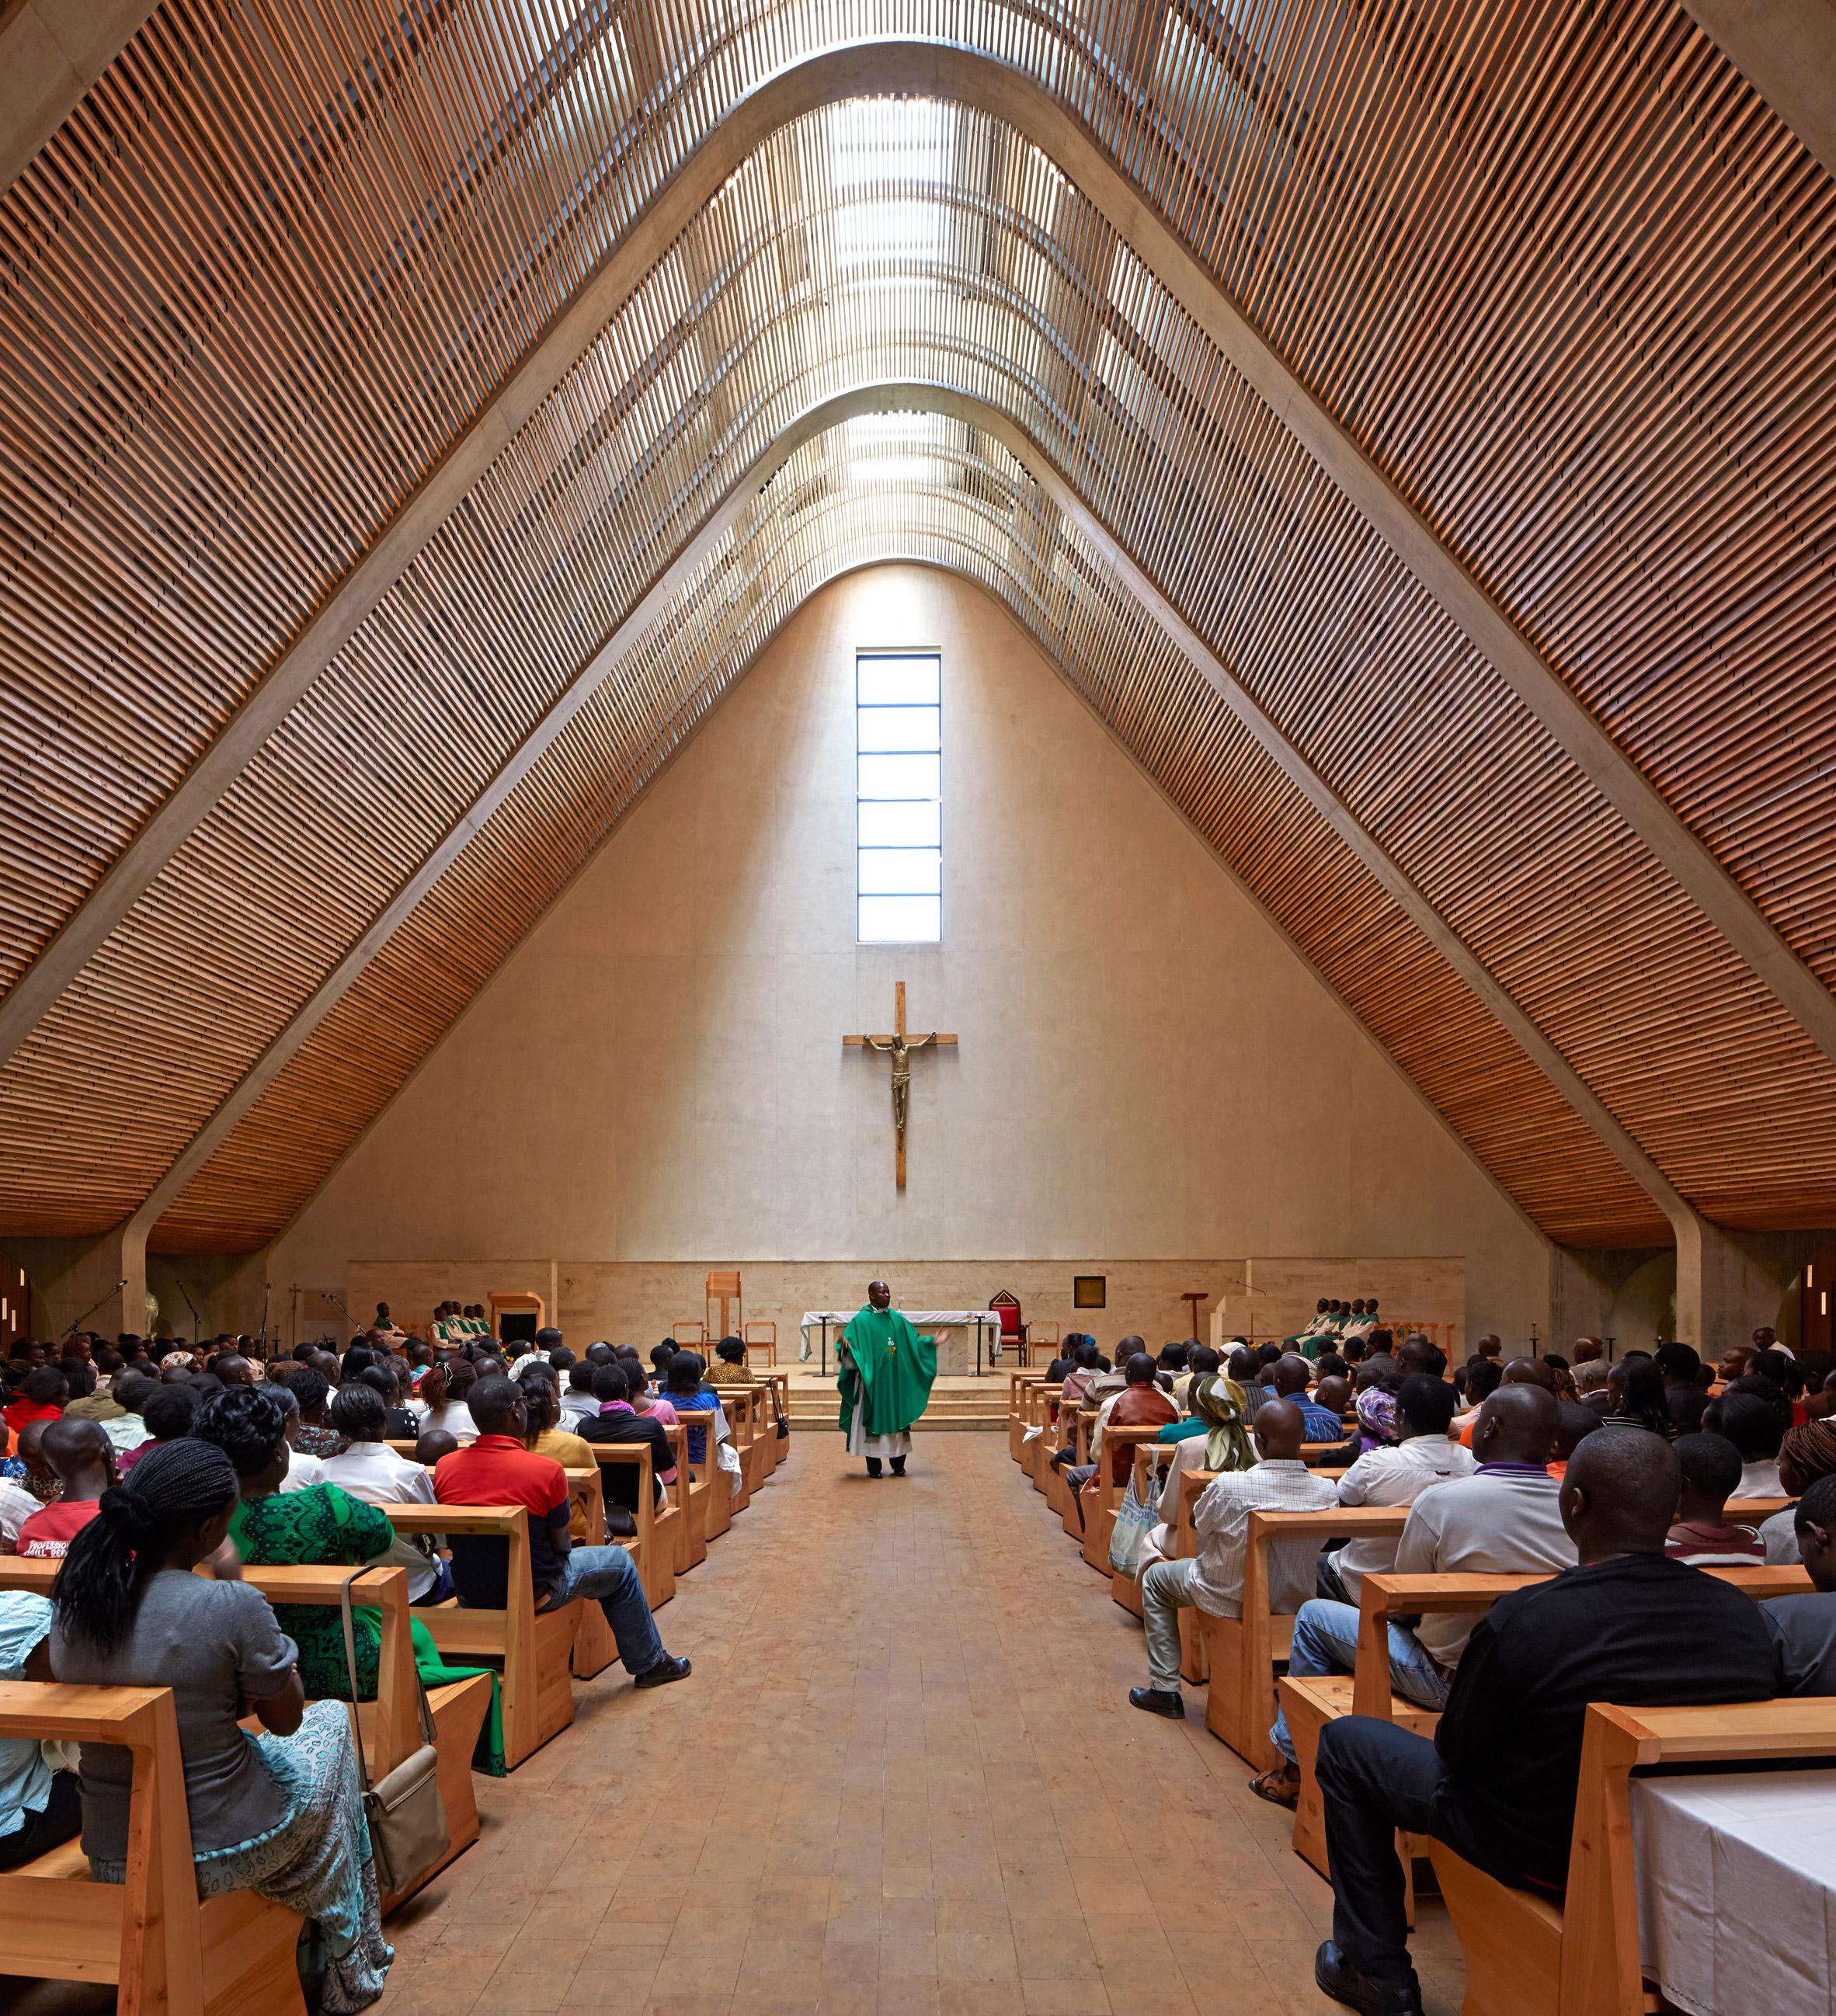 Huge inclined roof spans cathedral built by John McAslan + Partners on Kenyan tea plantation